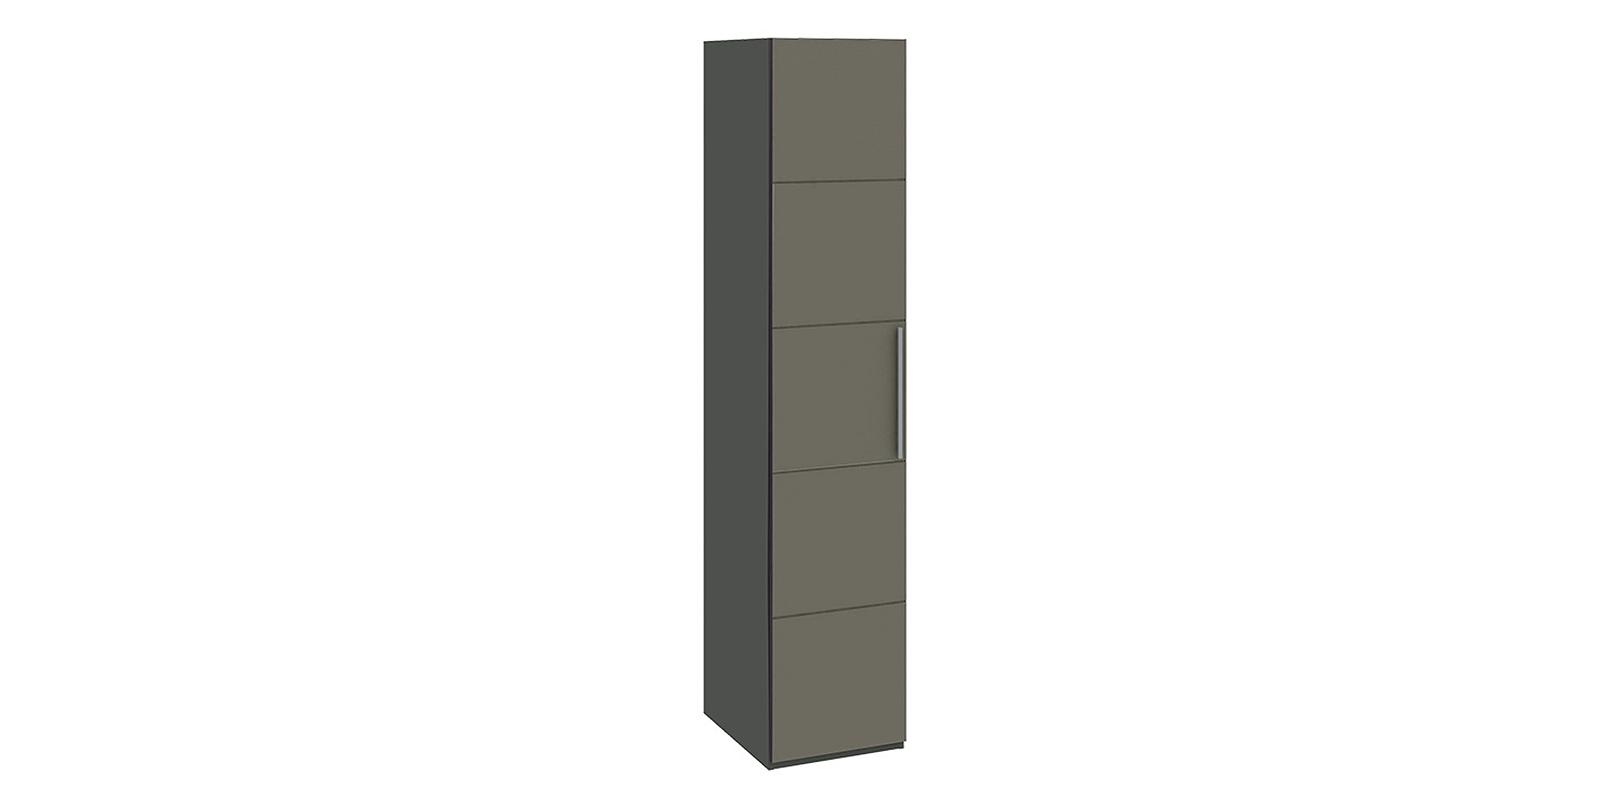 Шкаф распашной однодверный Сорренто вариант №2 (темно-серый/серый) Сорренто